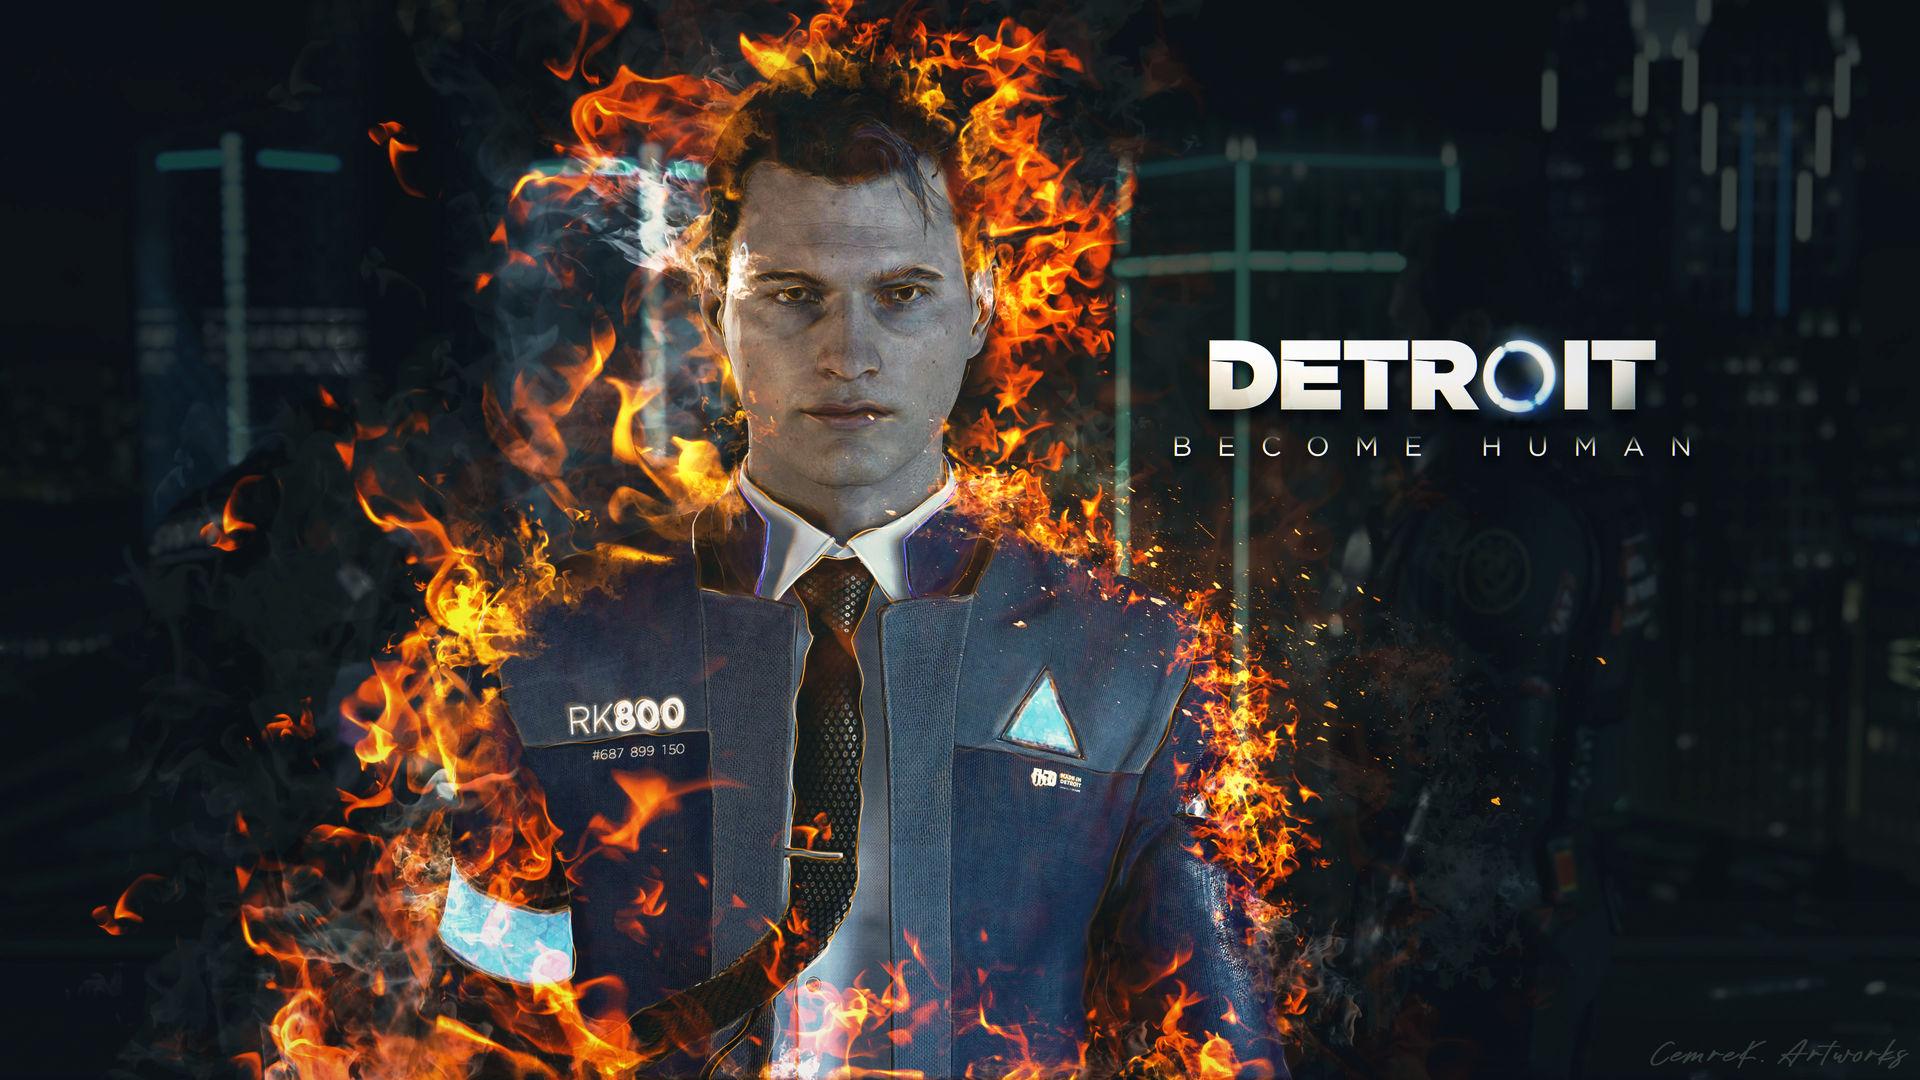 Detroit Become Human Wallpaper Artwork By Cemreksdmr On Deviantart